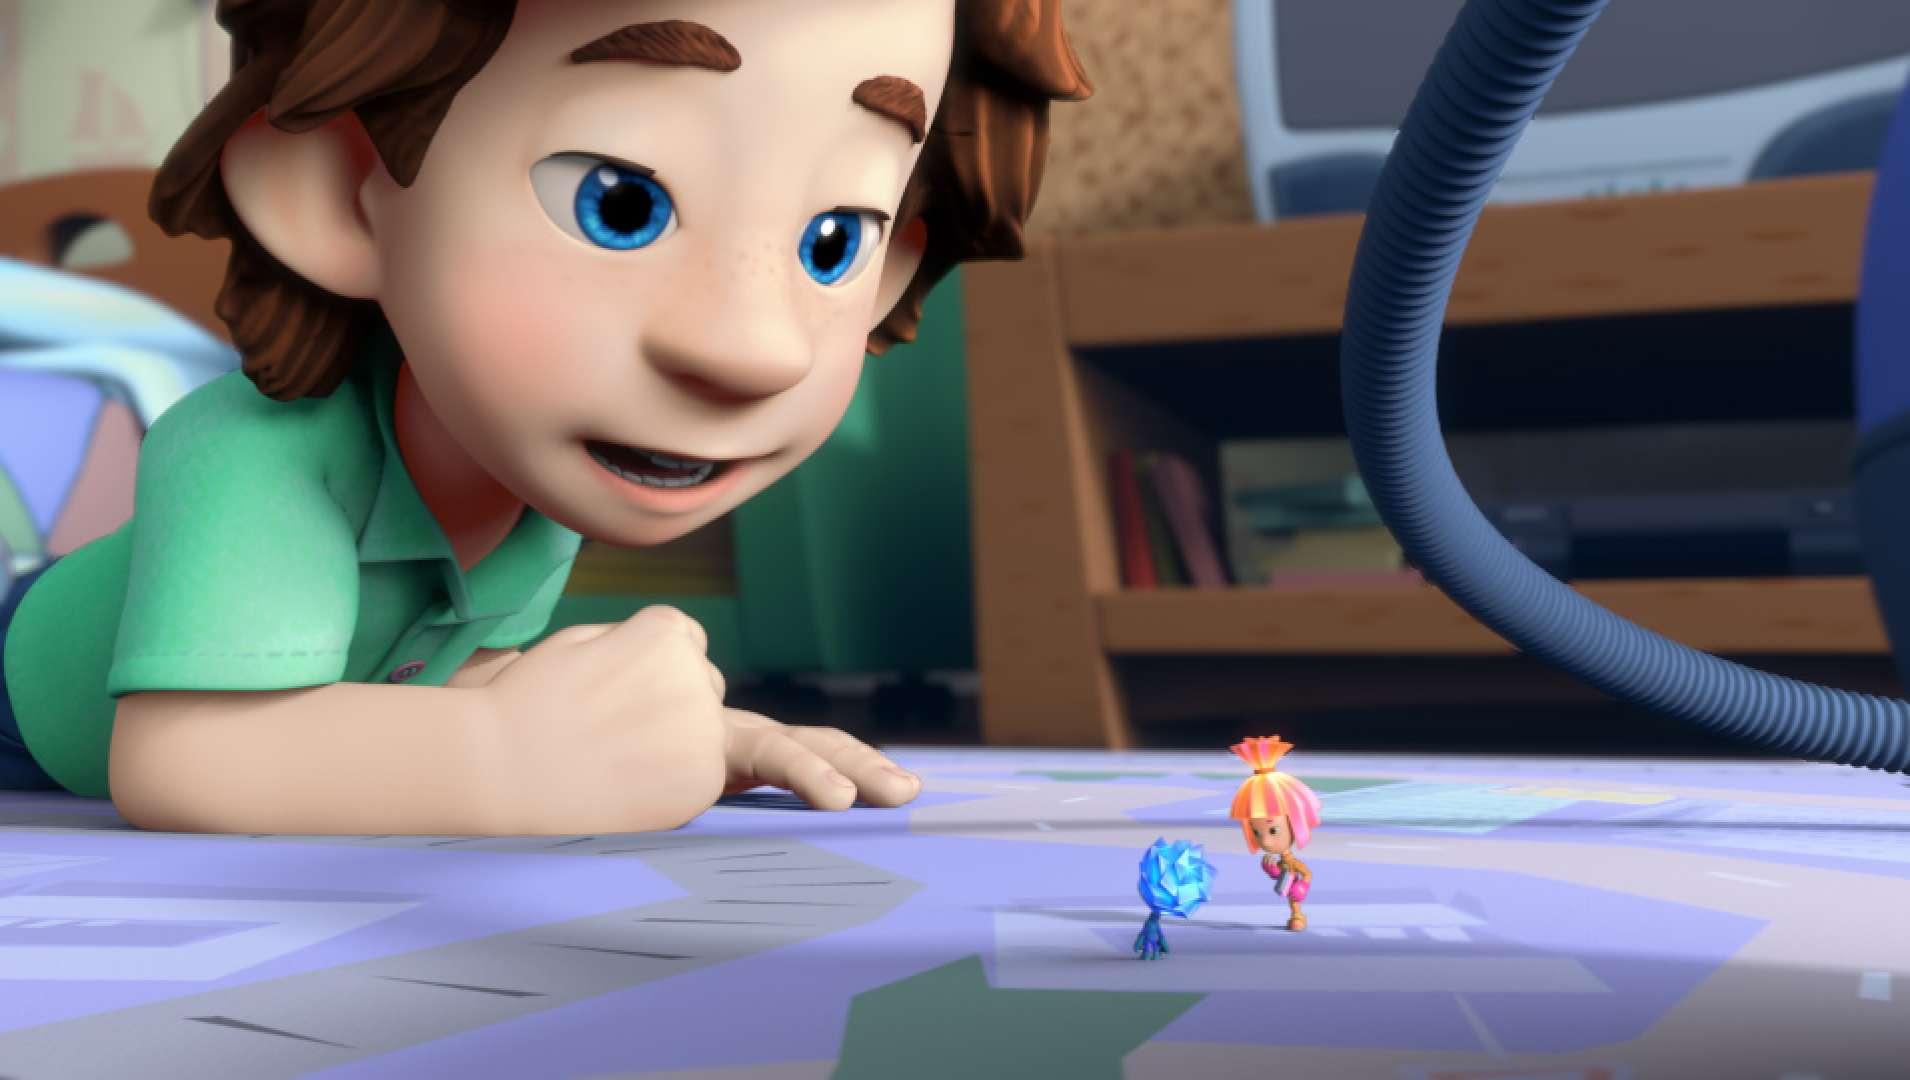 По сюжету мульта их видит только один мальчик: можно придумать вместе с ребенком, что и в Вашем пылесосе живут фиксики, и они сегодня будут пылесосить вместе с тобой!